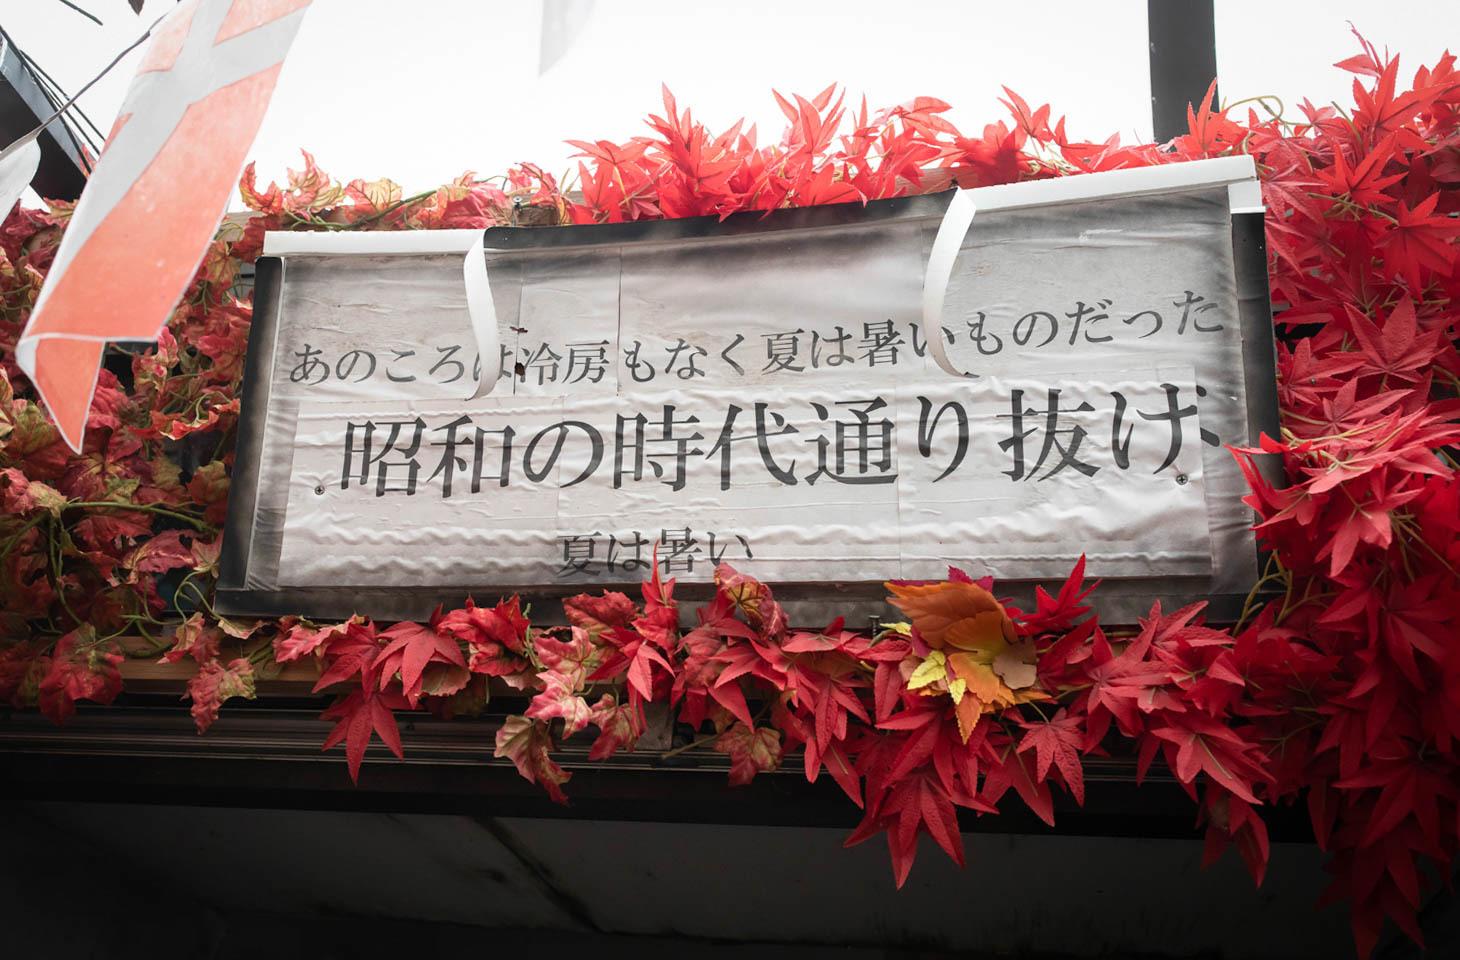 まぼろし博覧会.jpg